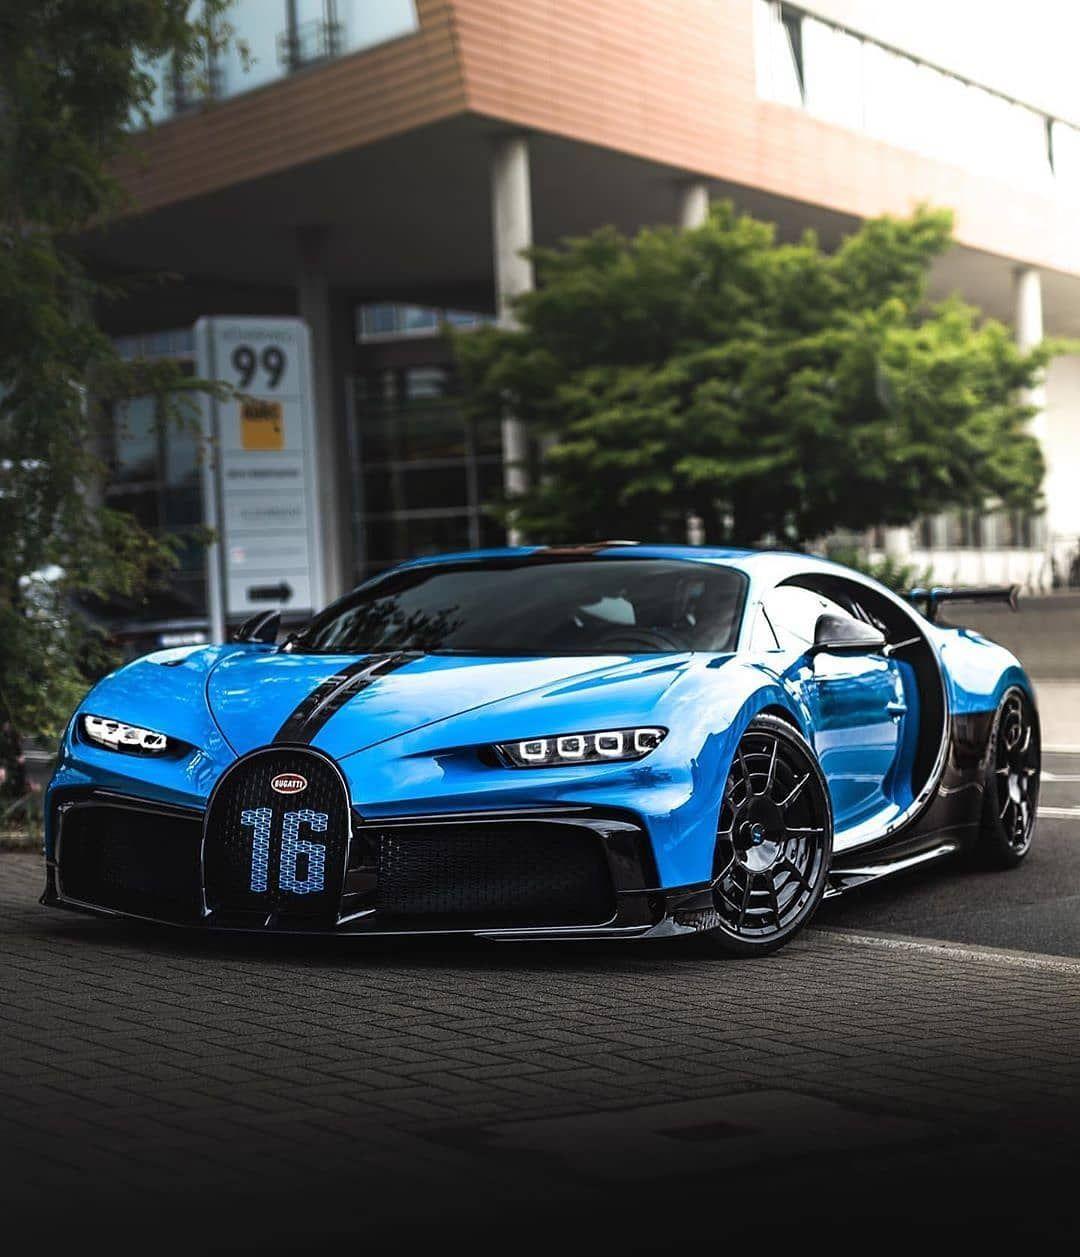 Pin By Stefany Cabral On Bugatti In 2020 Bugatti Cars Super Cars Bugatti